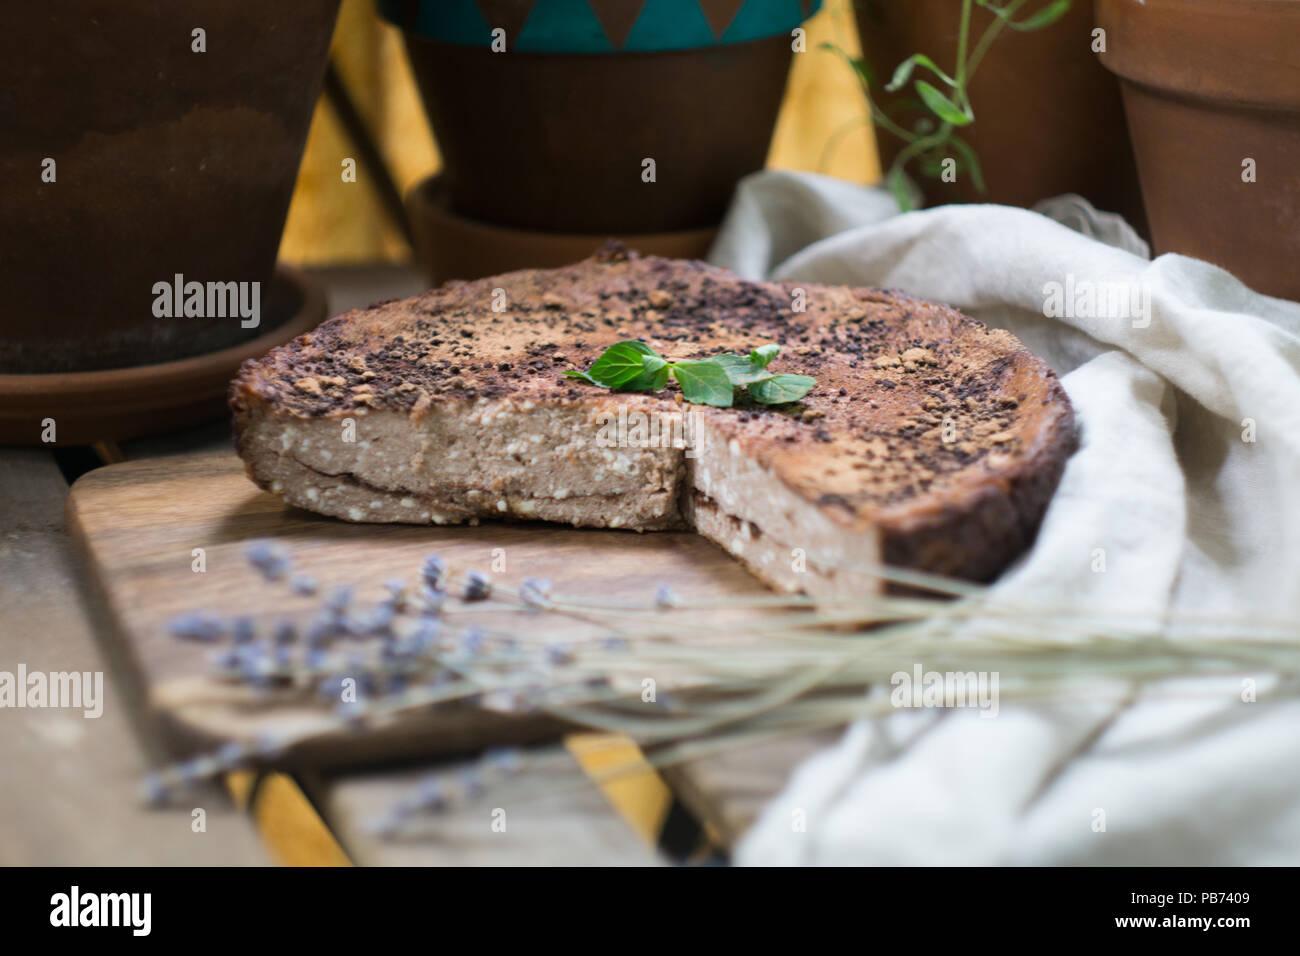 Casero suave cheesecake (tarta de queso cottage, cazuela, zapekanka) vainilla chocolate con canela sobre una tabla de cortar. Close-up Imagen De Stock